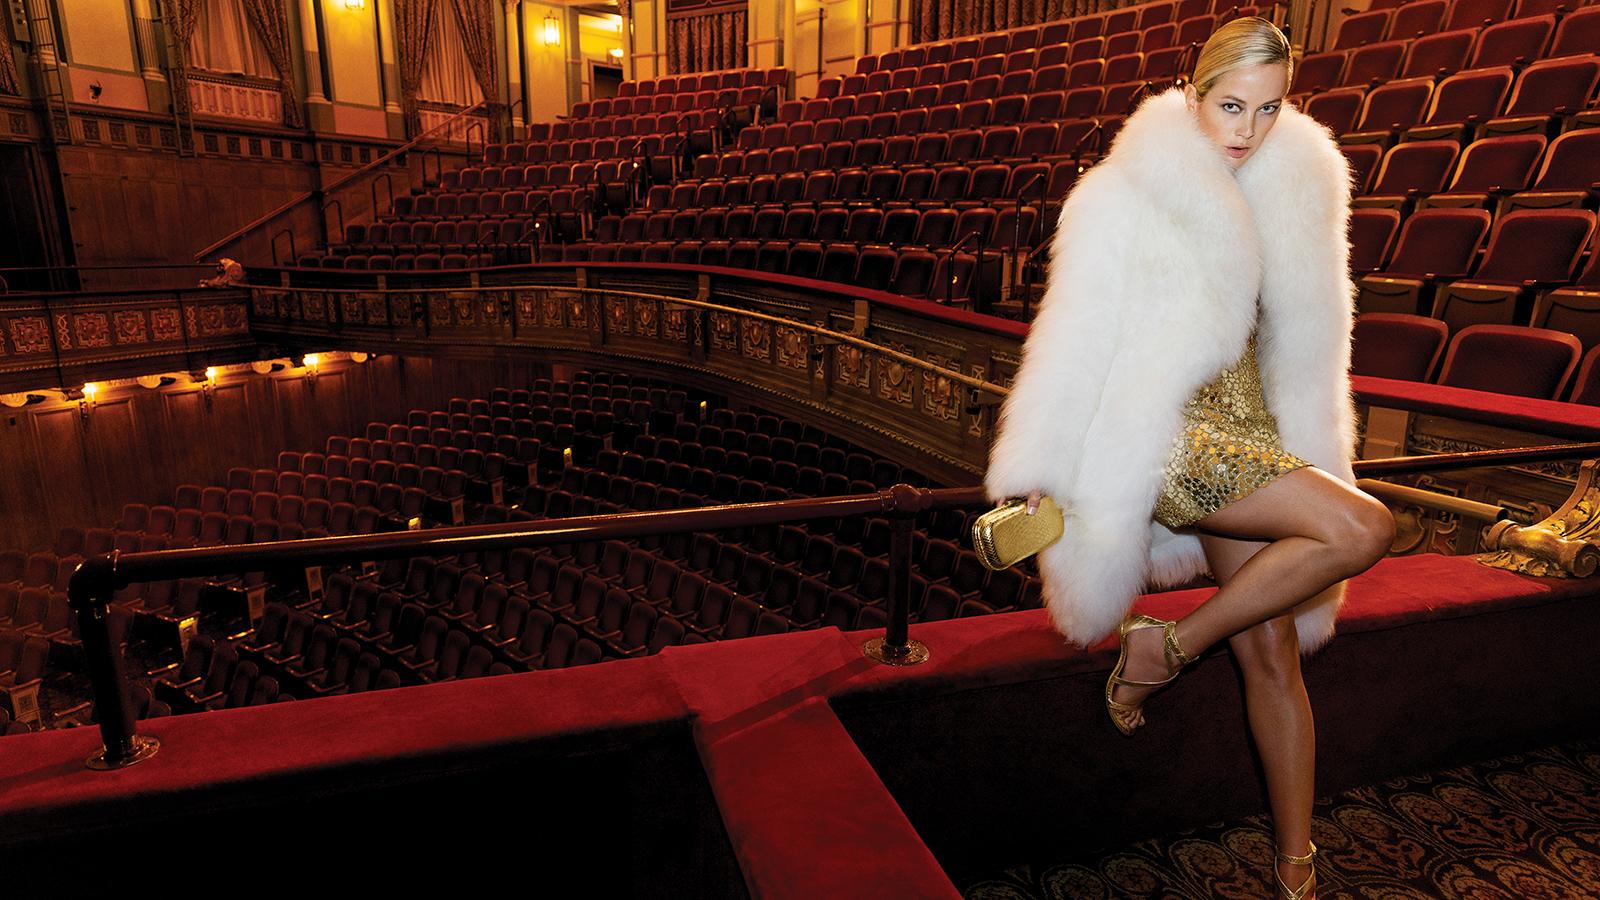 Наоми Кэмпбелл позирует на ночном Бродвее в новой кампании Michael Kors Collection (фото 2)